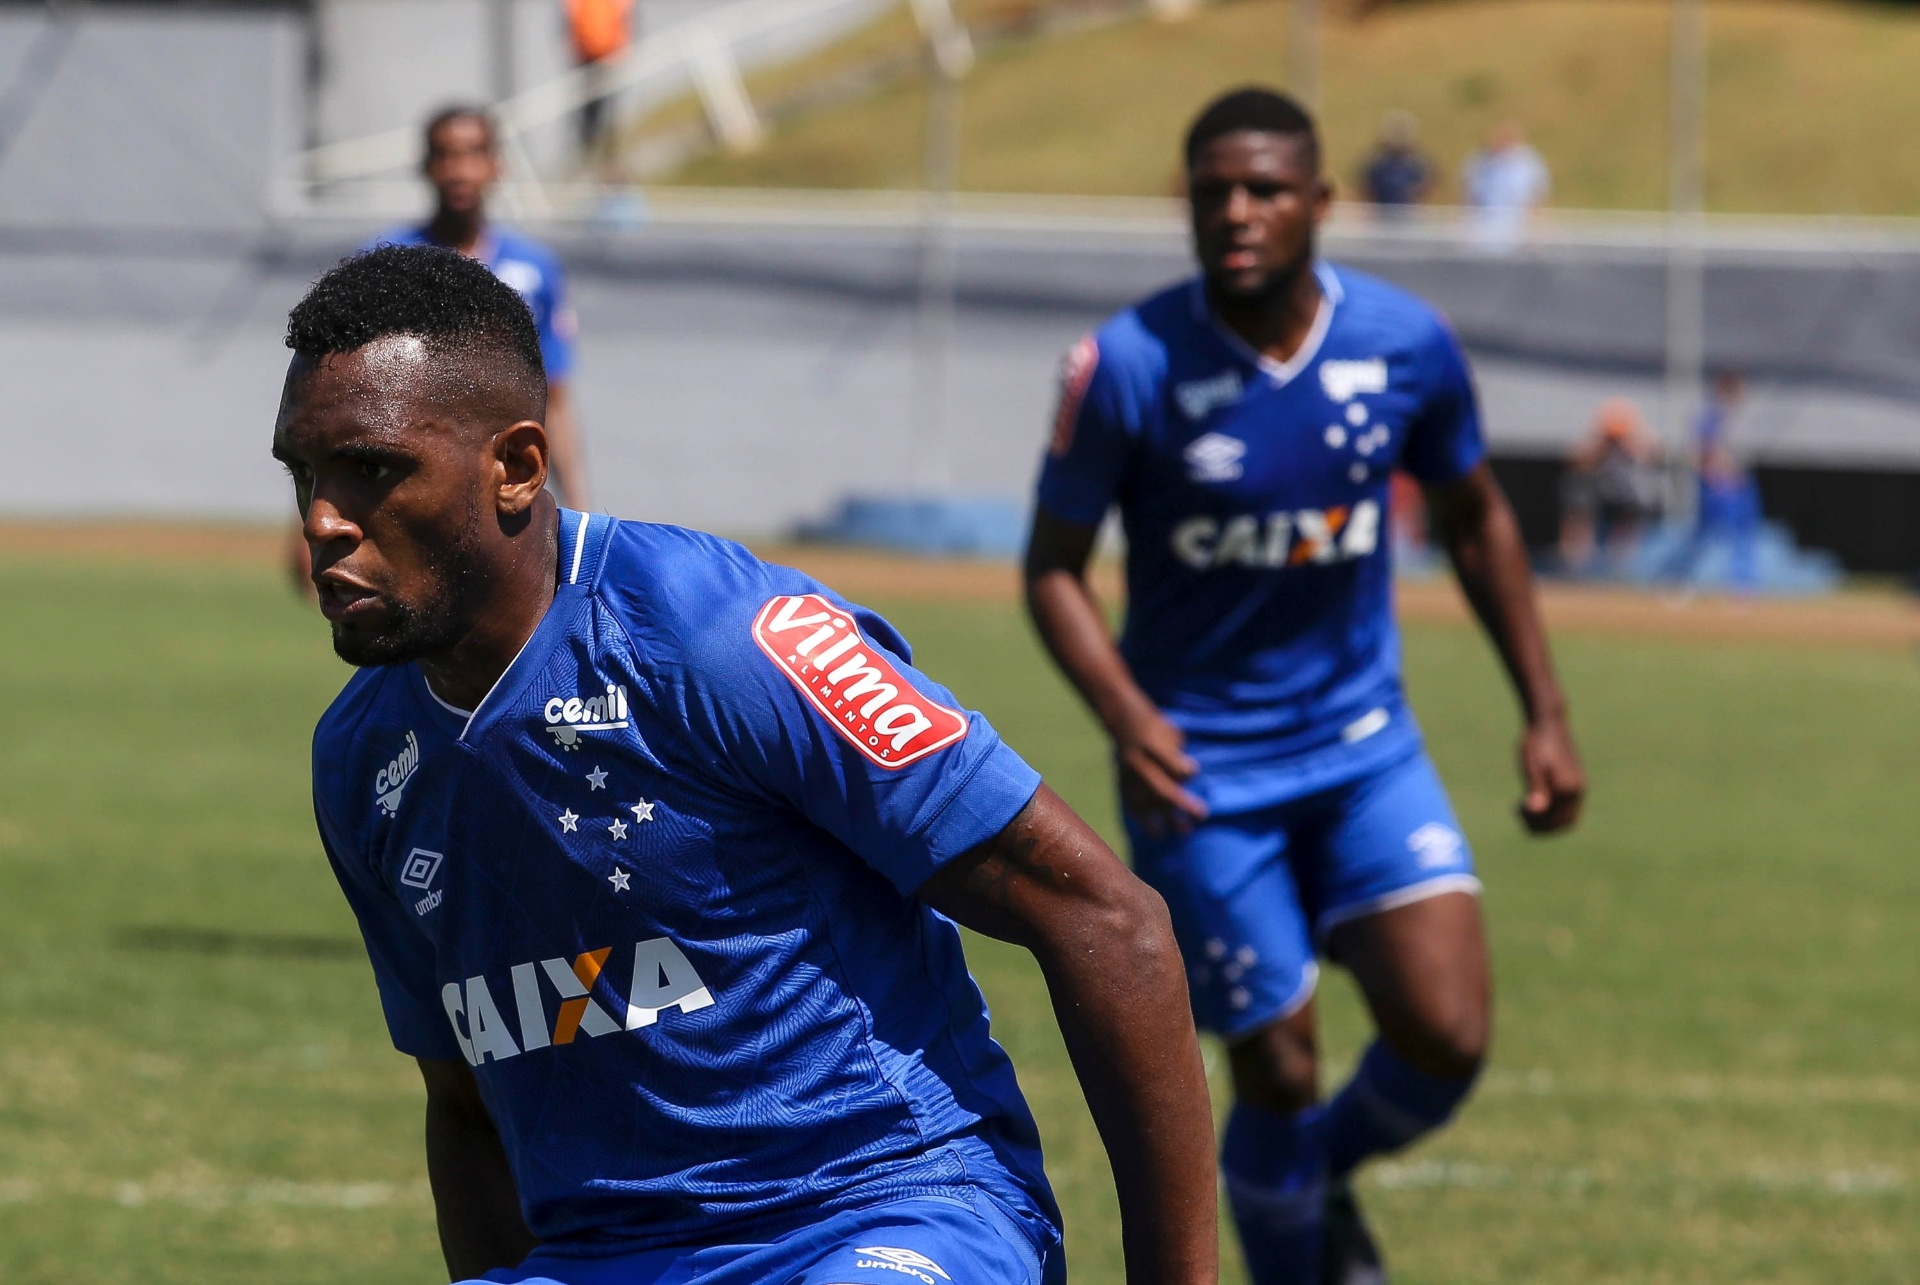 b861b6dc62062 Cruzeiro inicia 2019 precisando definir rumos de quem voltará de empréstimo  - 01 01 2019 - UOL Esporte